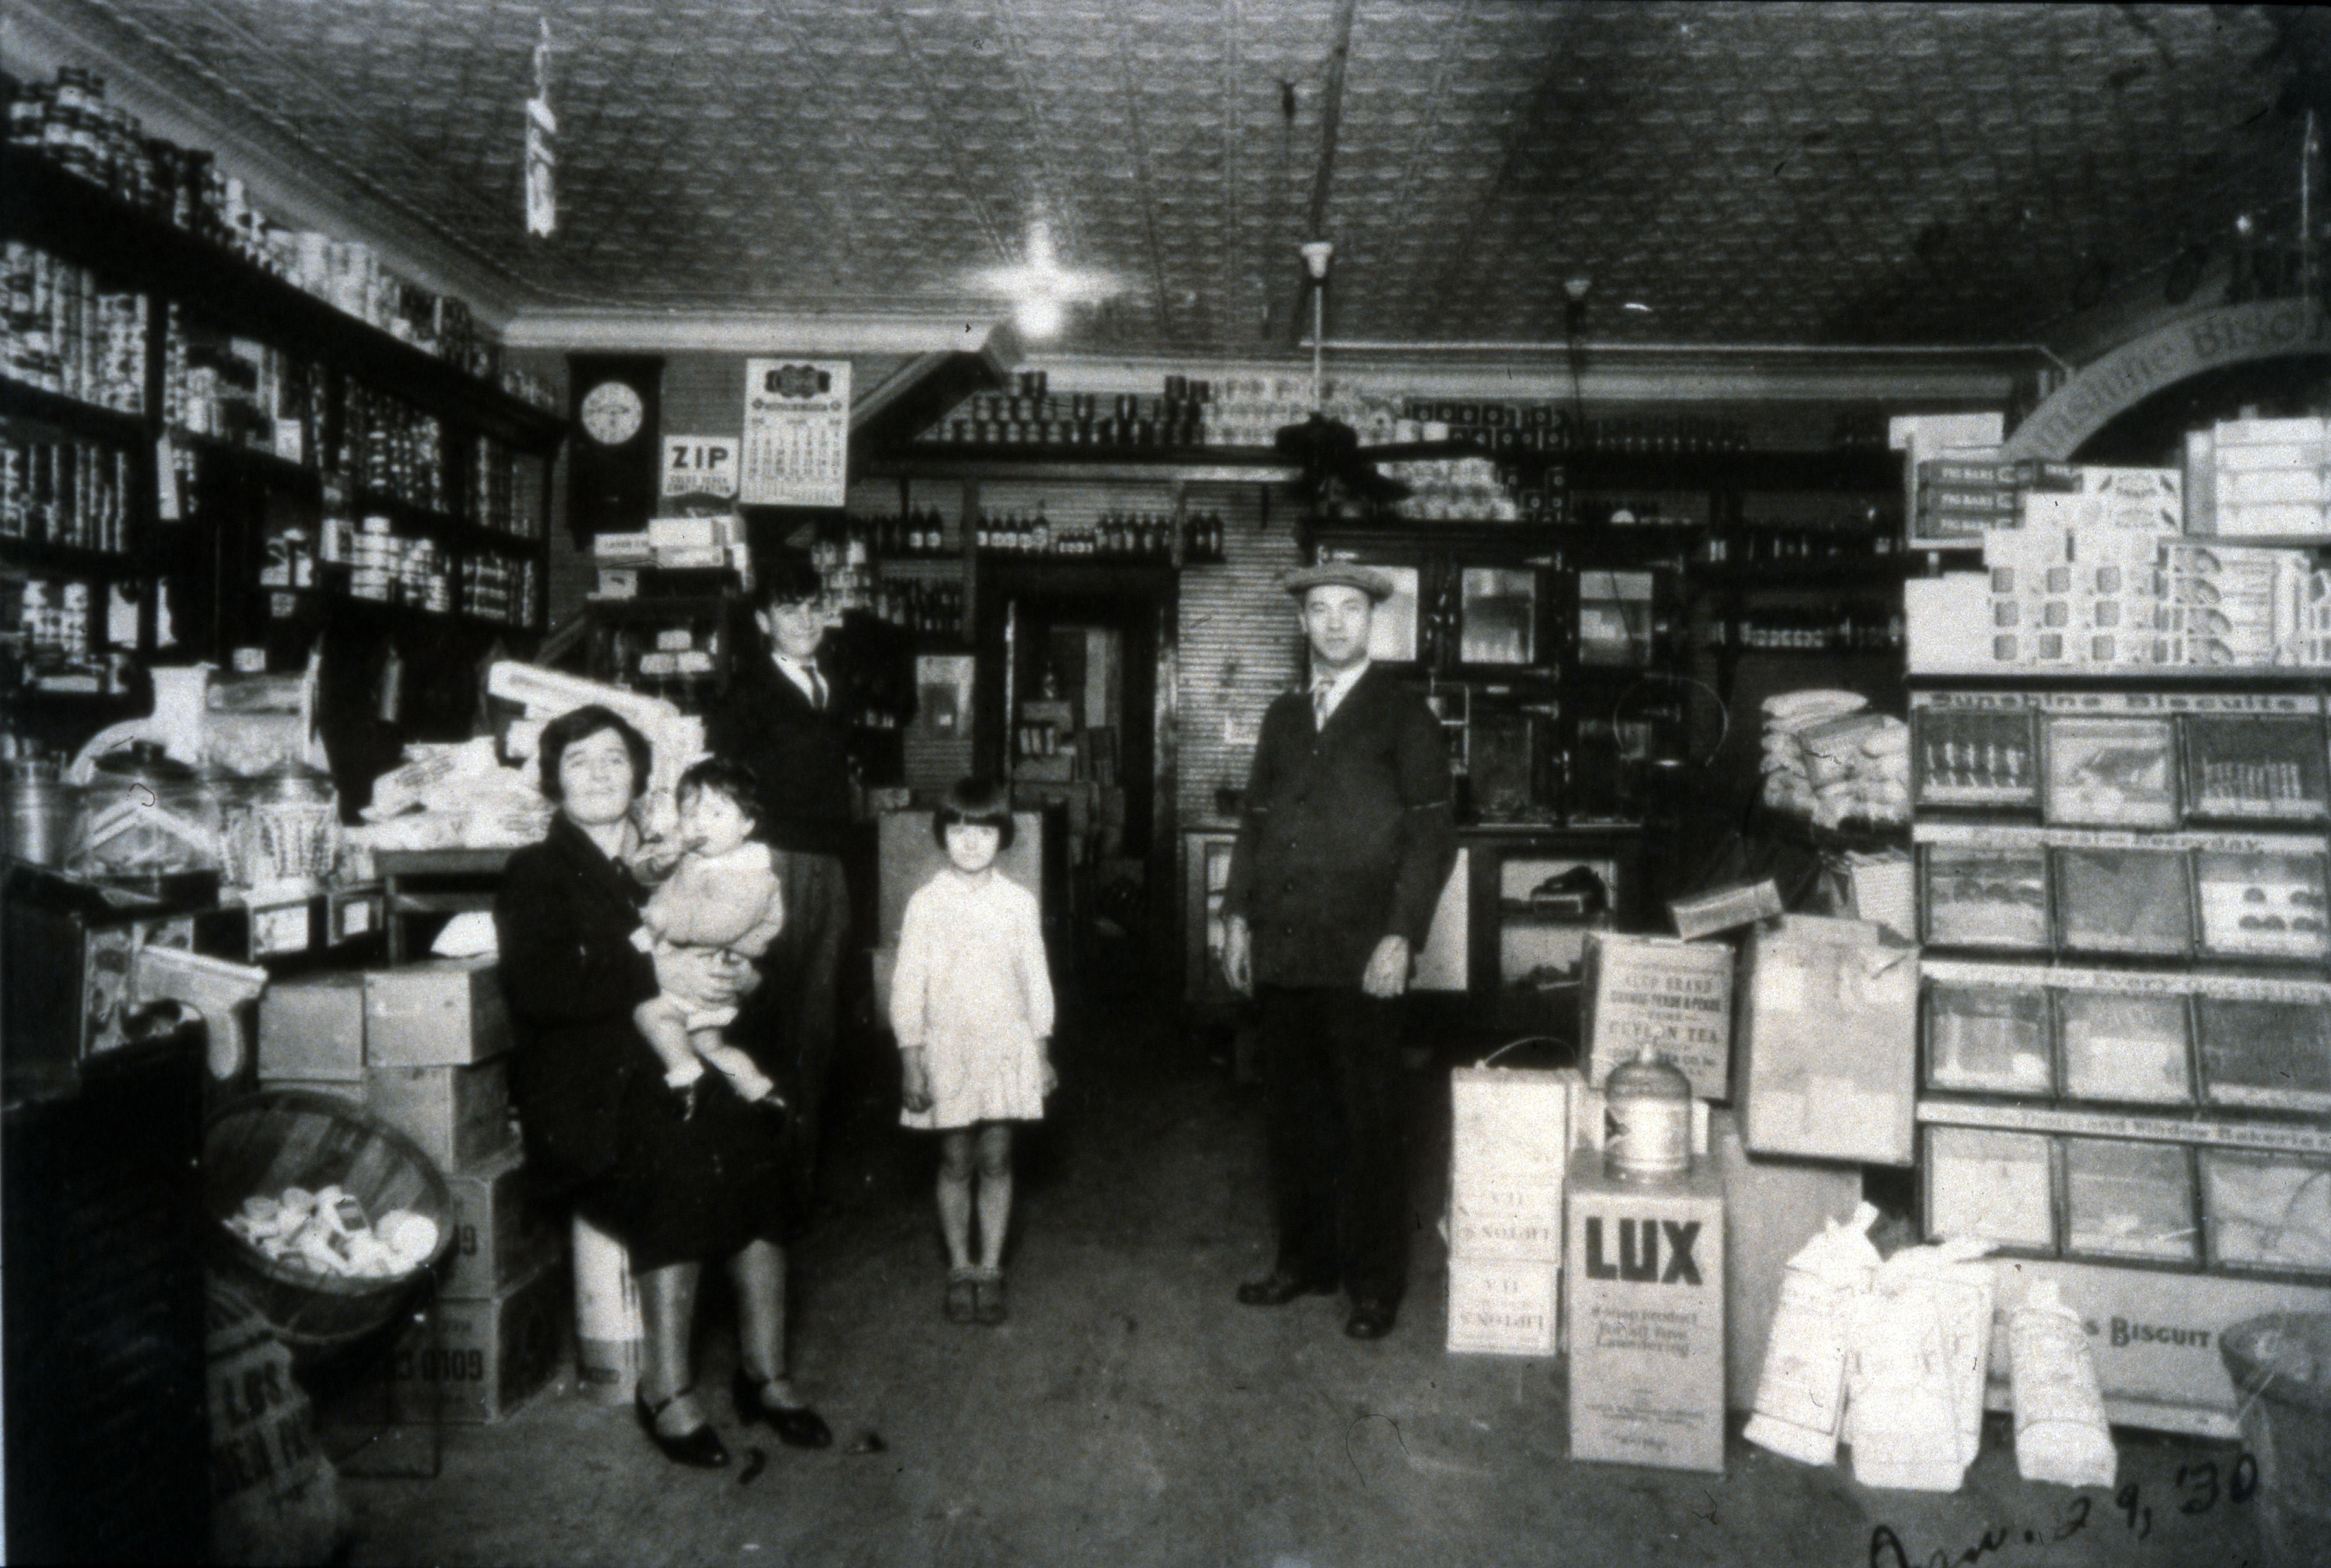 Breibart Store